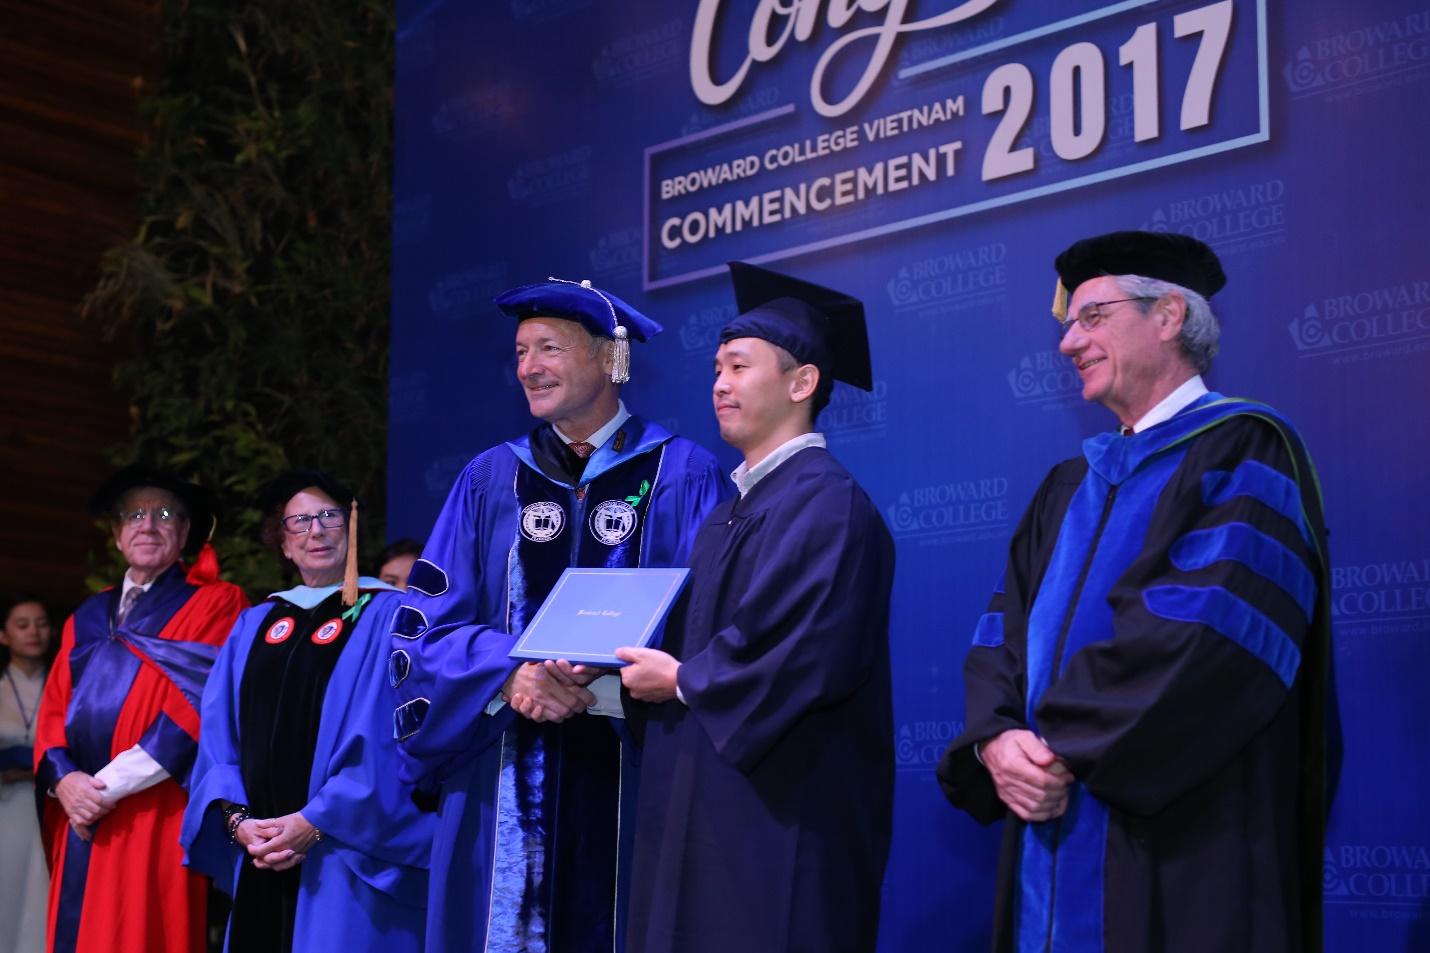 Chủ tịch và các đại diện cấp cao của Đại học Broward Hoa Kỳ trực tiếp tham dự buổi lễ đặc biệt cùng sinh viên Việt Nam.